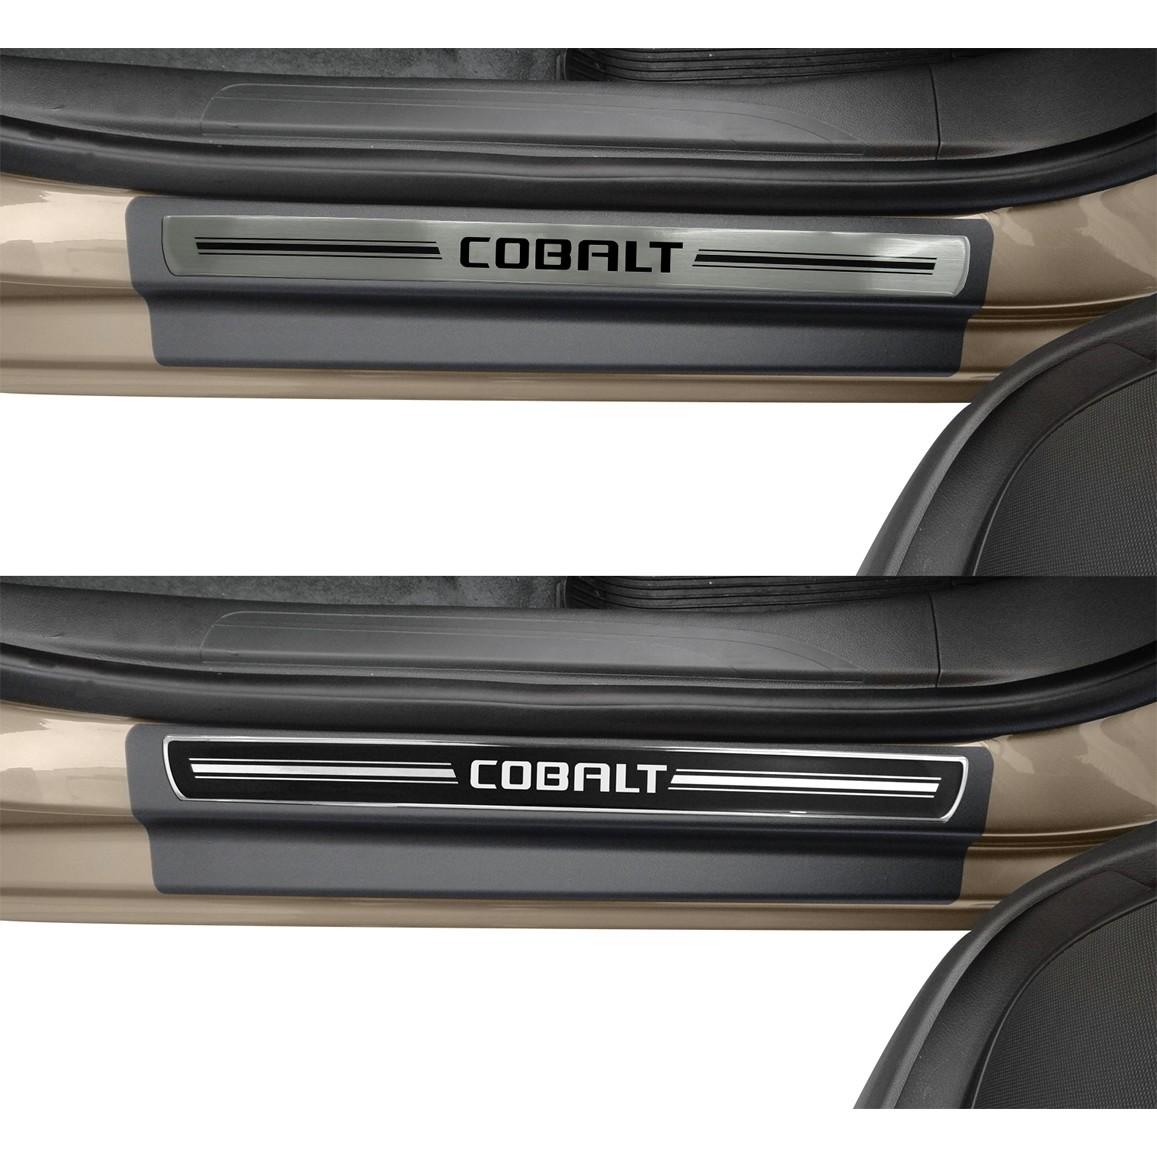 Jogo Soleira Premium Elegance Chevrolet Cobalt 2011 2012 2013 2014 - ( Vinil + Resinada 4 Peças )